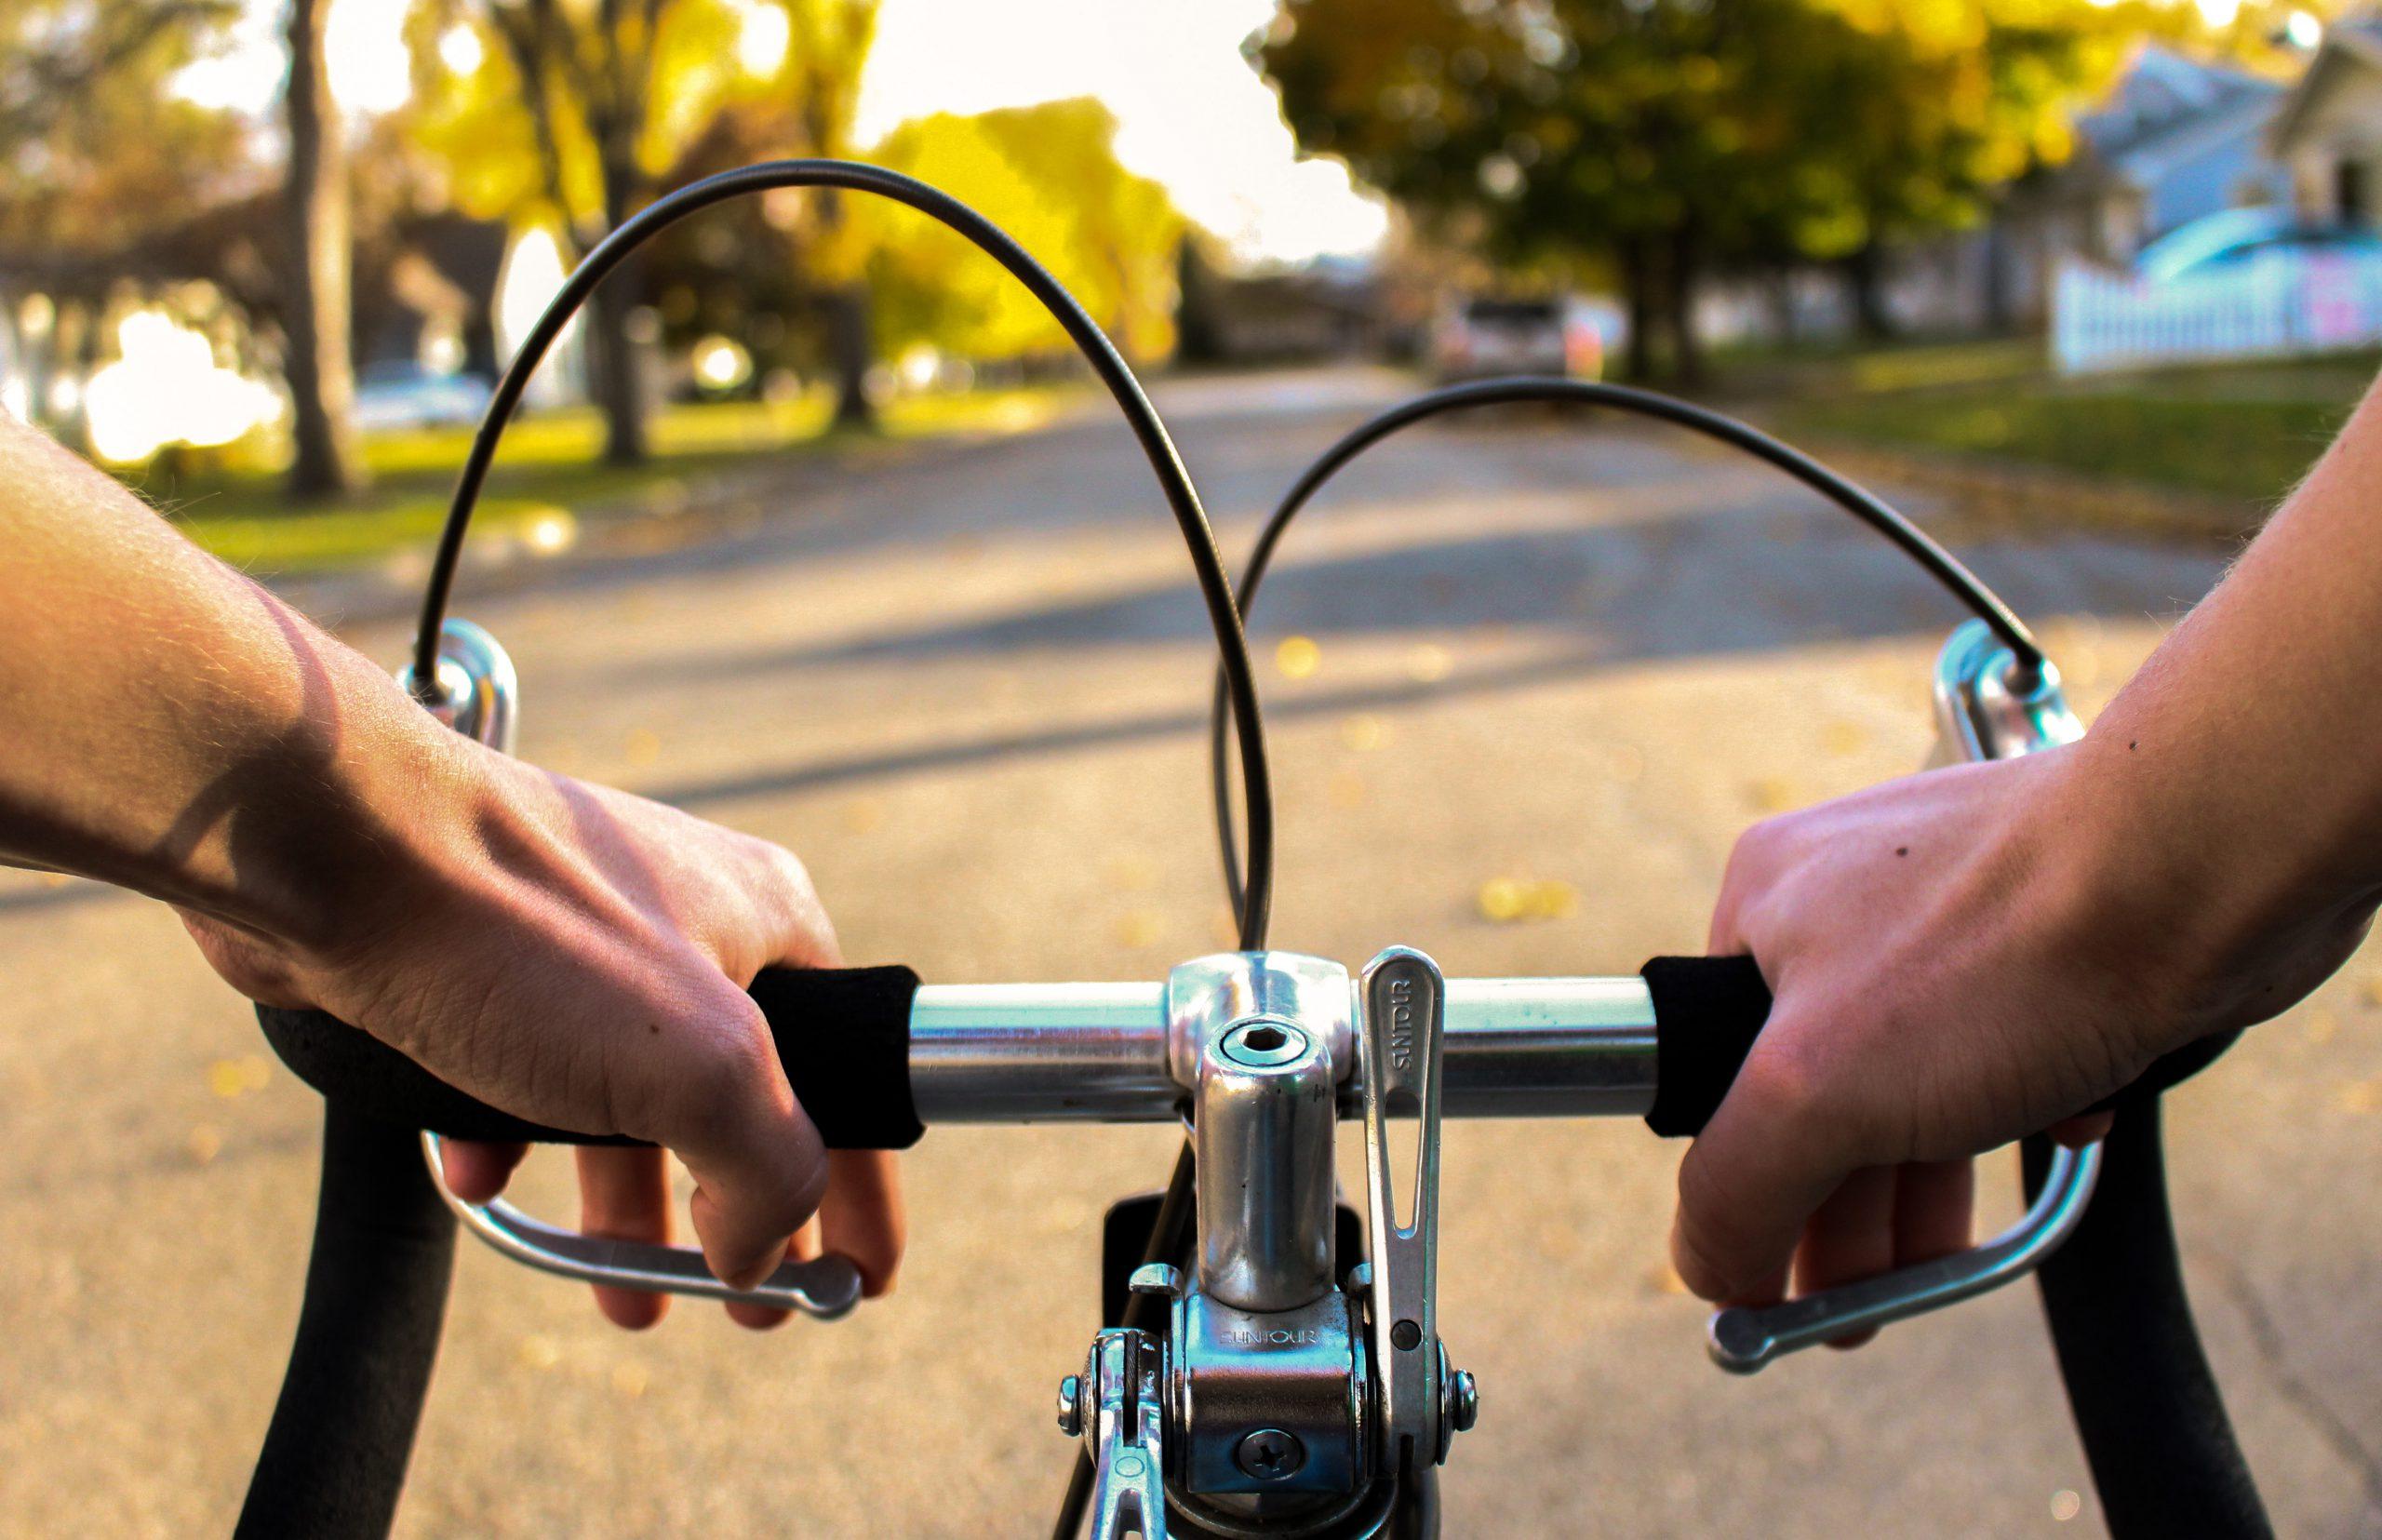 Wat de beginnende fietser moet weten: wielrennen is de dodelijkste sport! 5 tips.